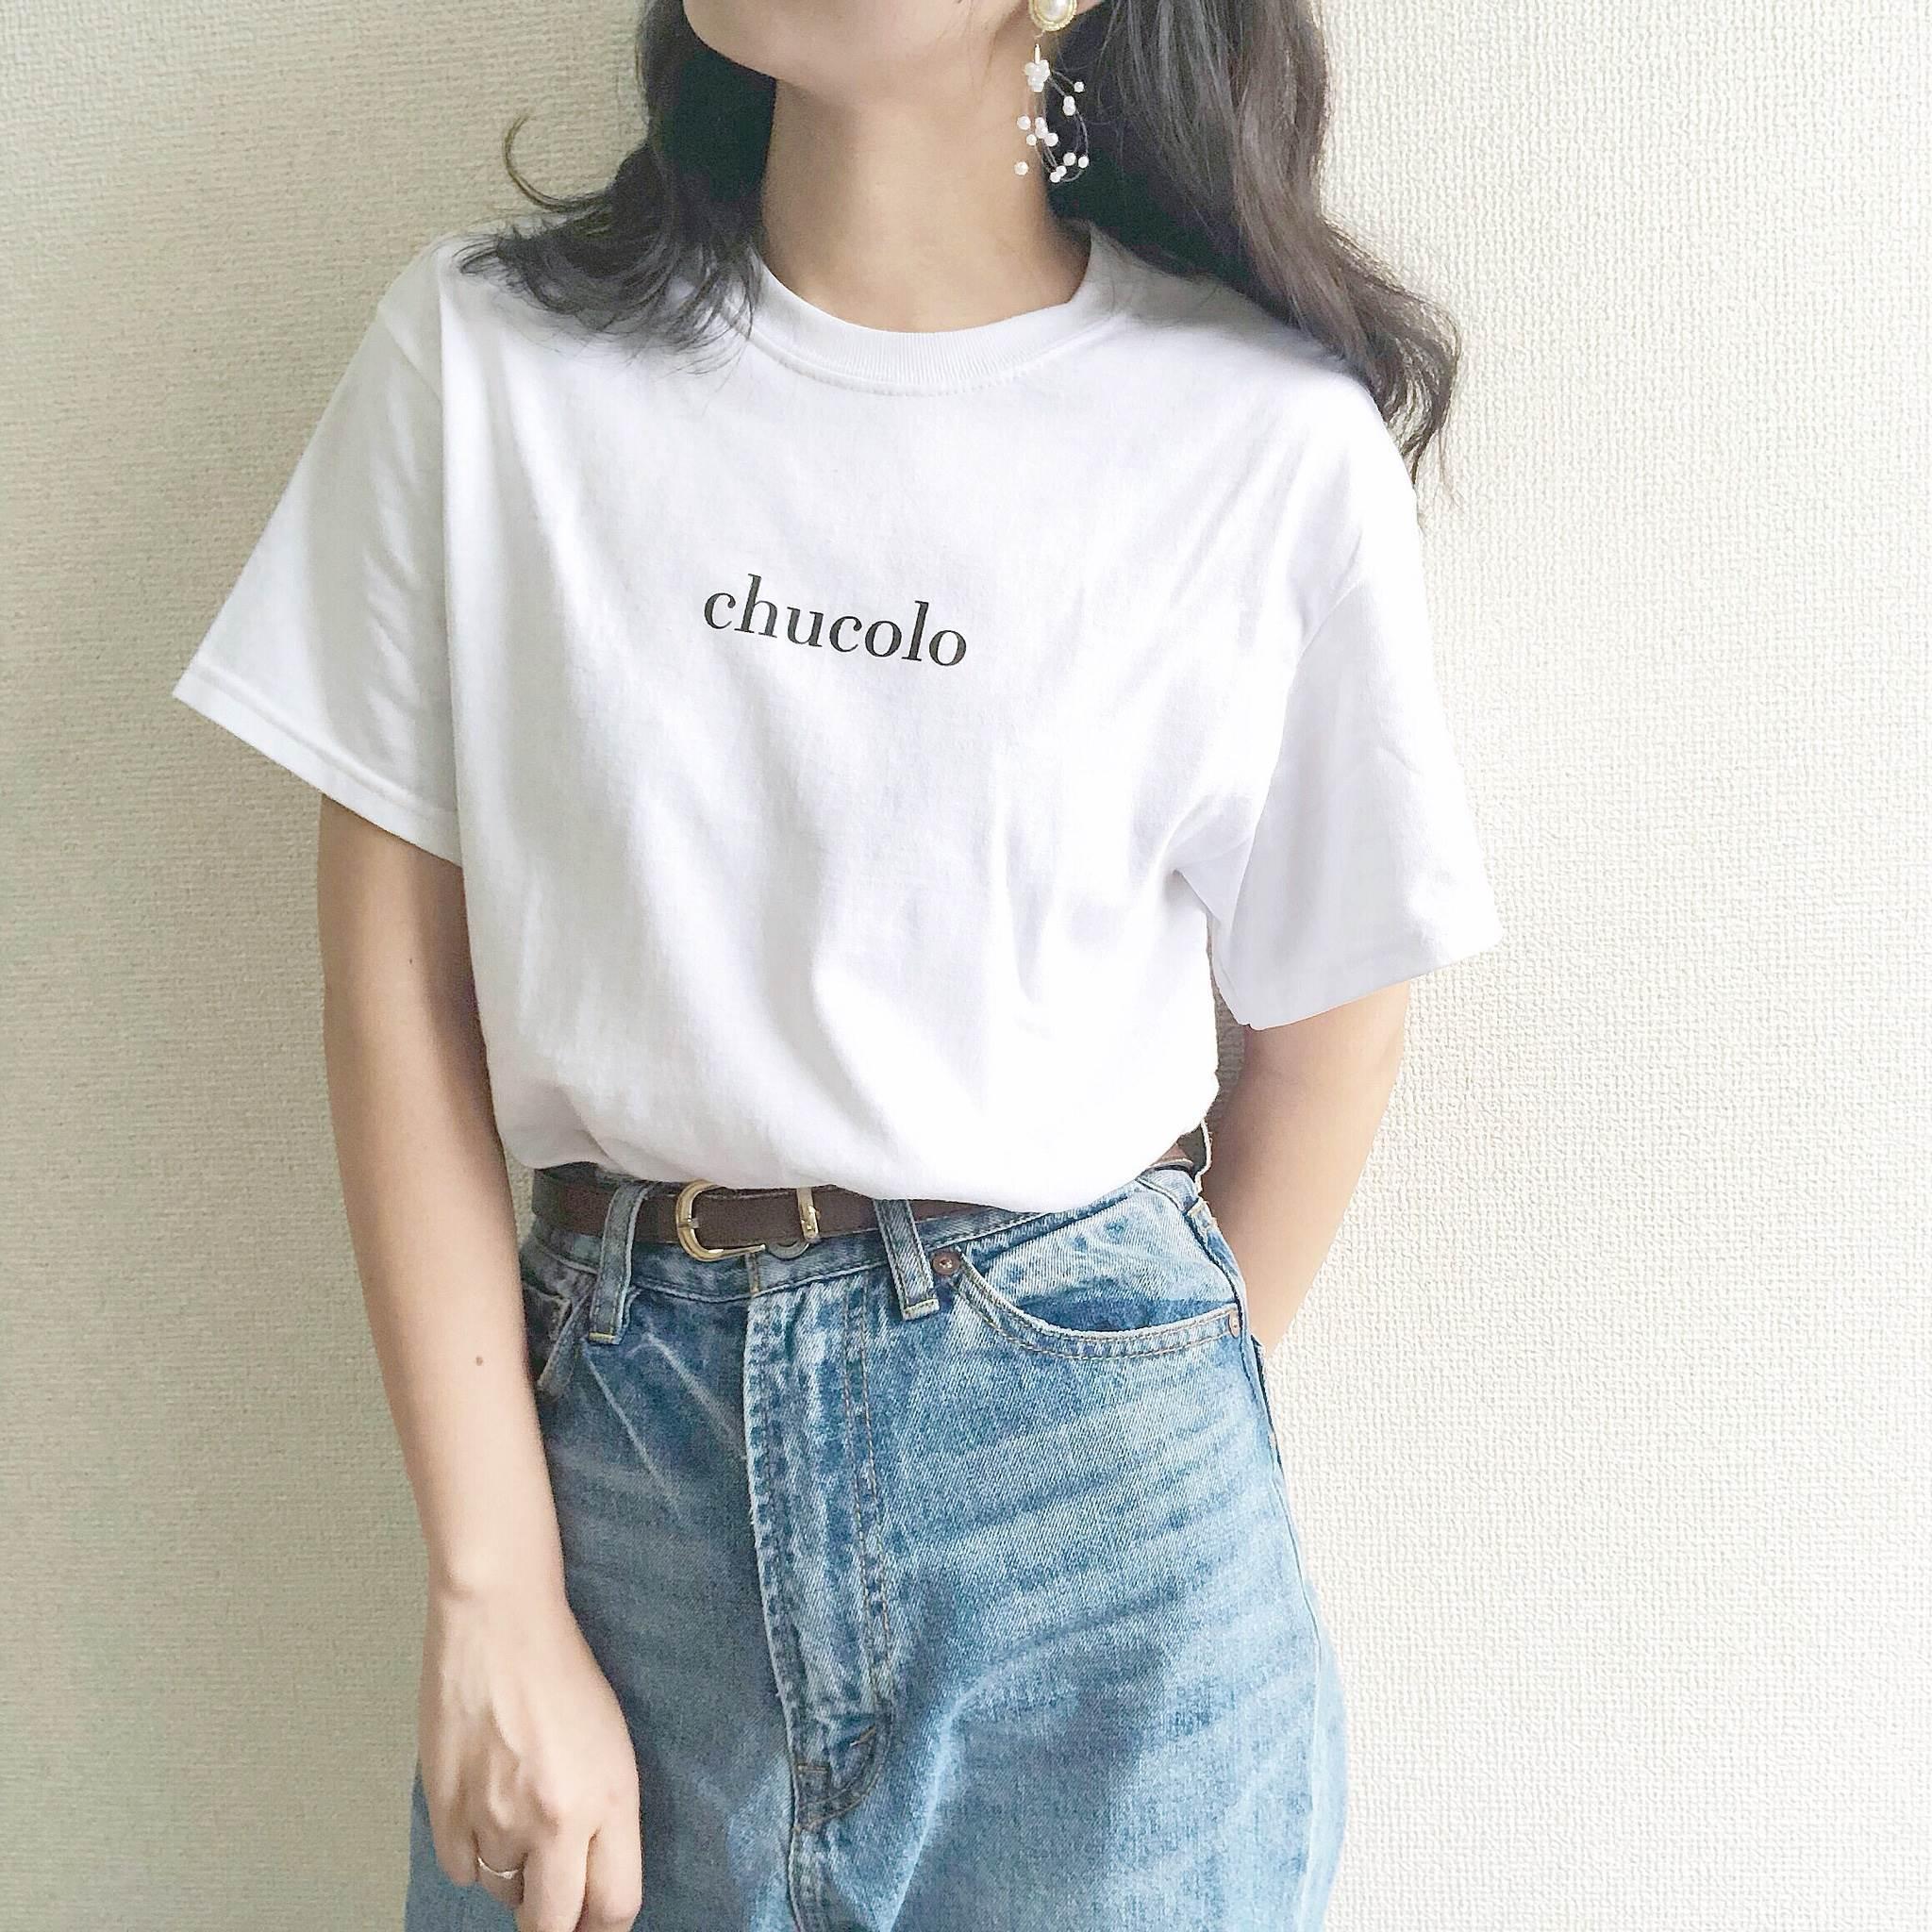 chucolo Tシャツ